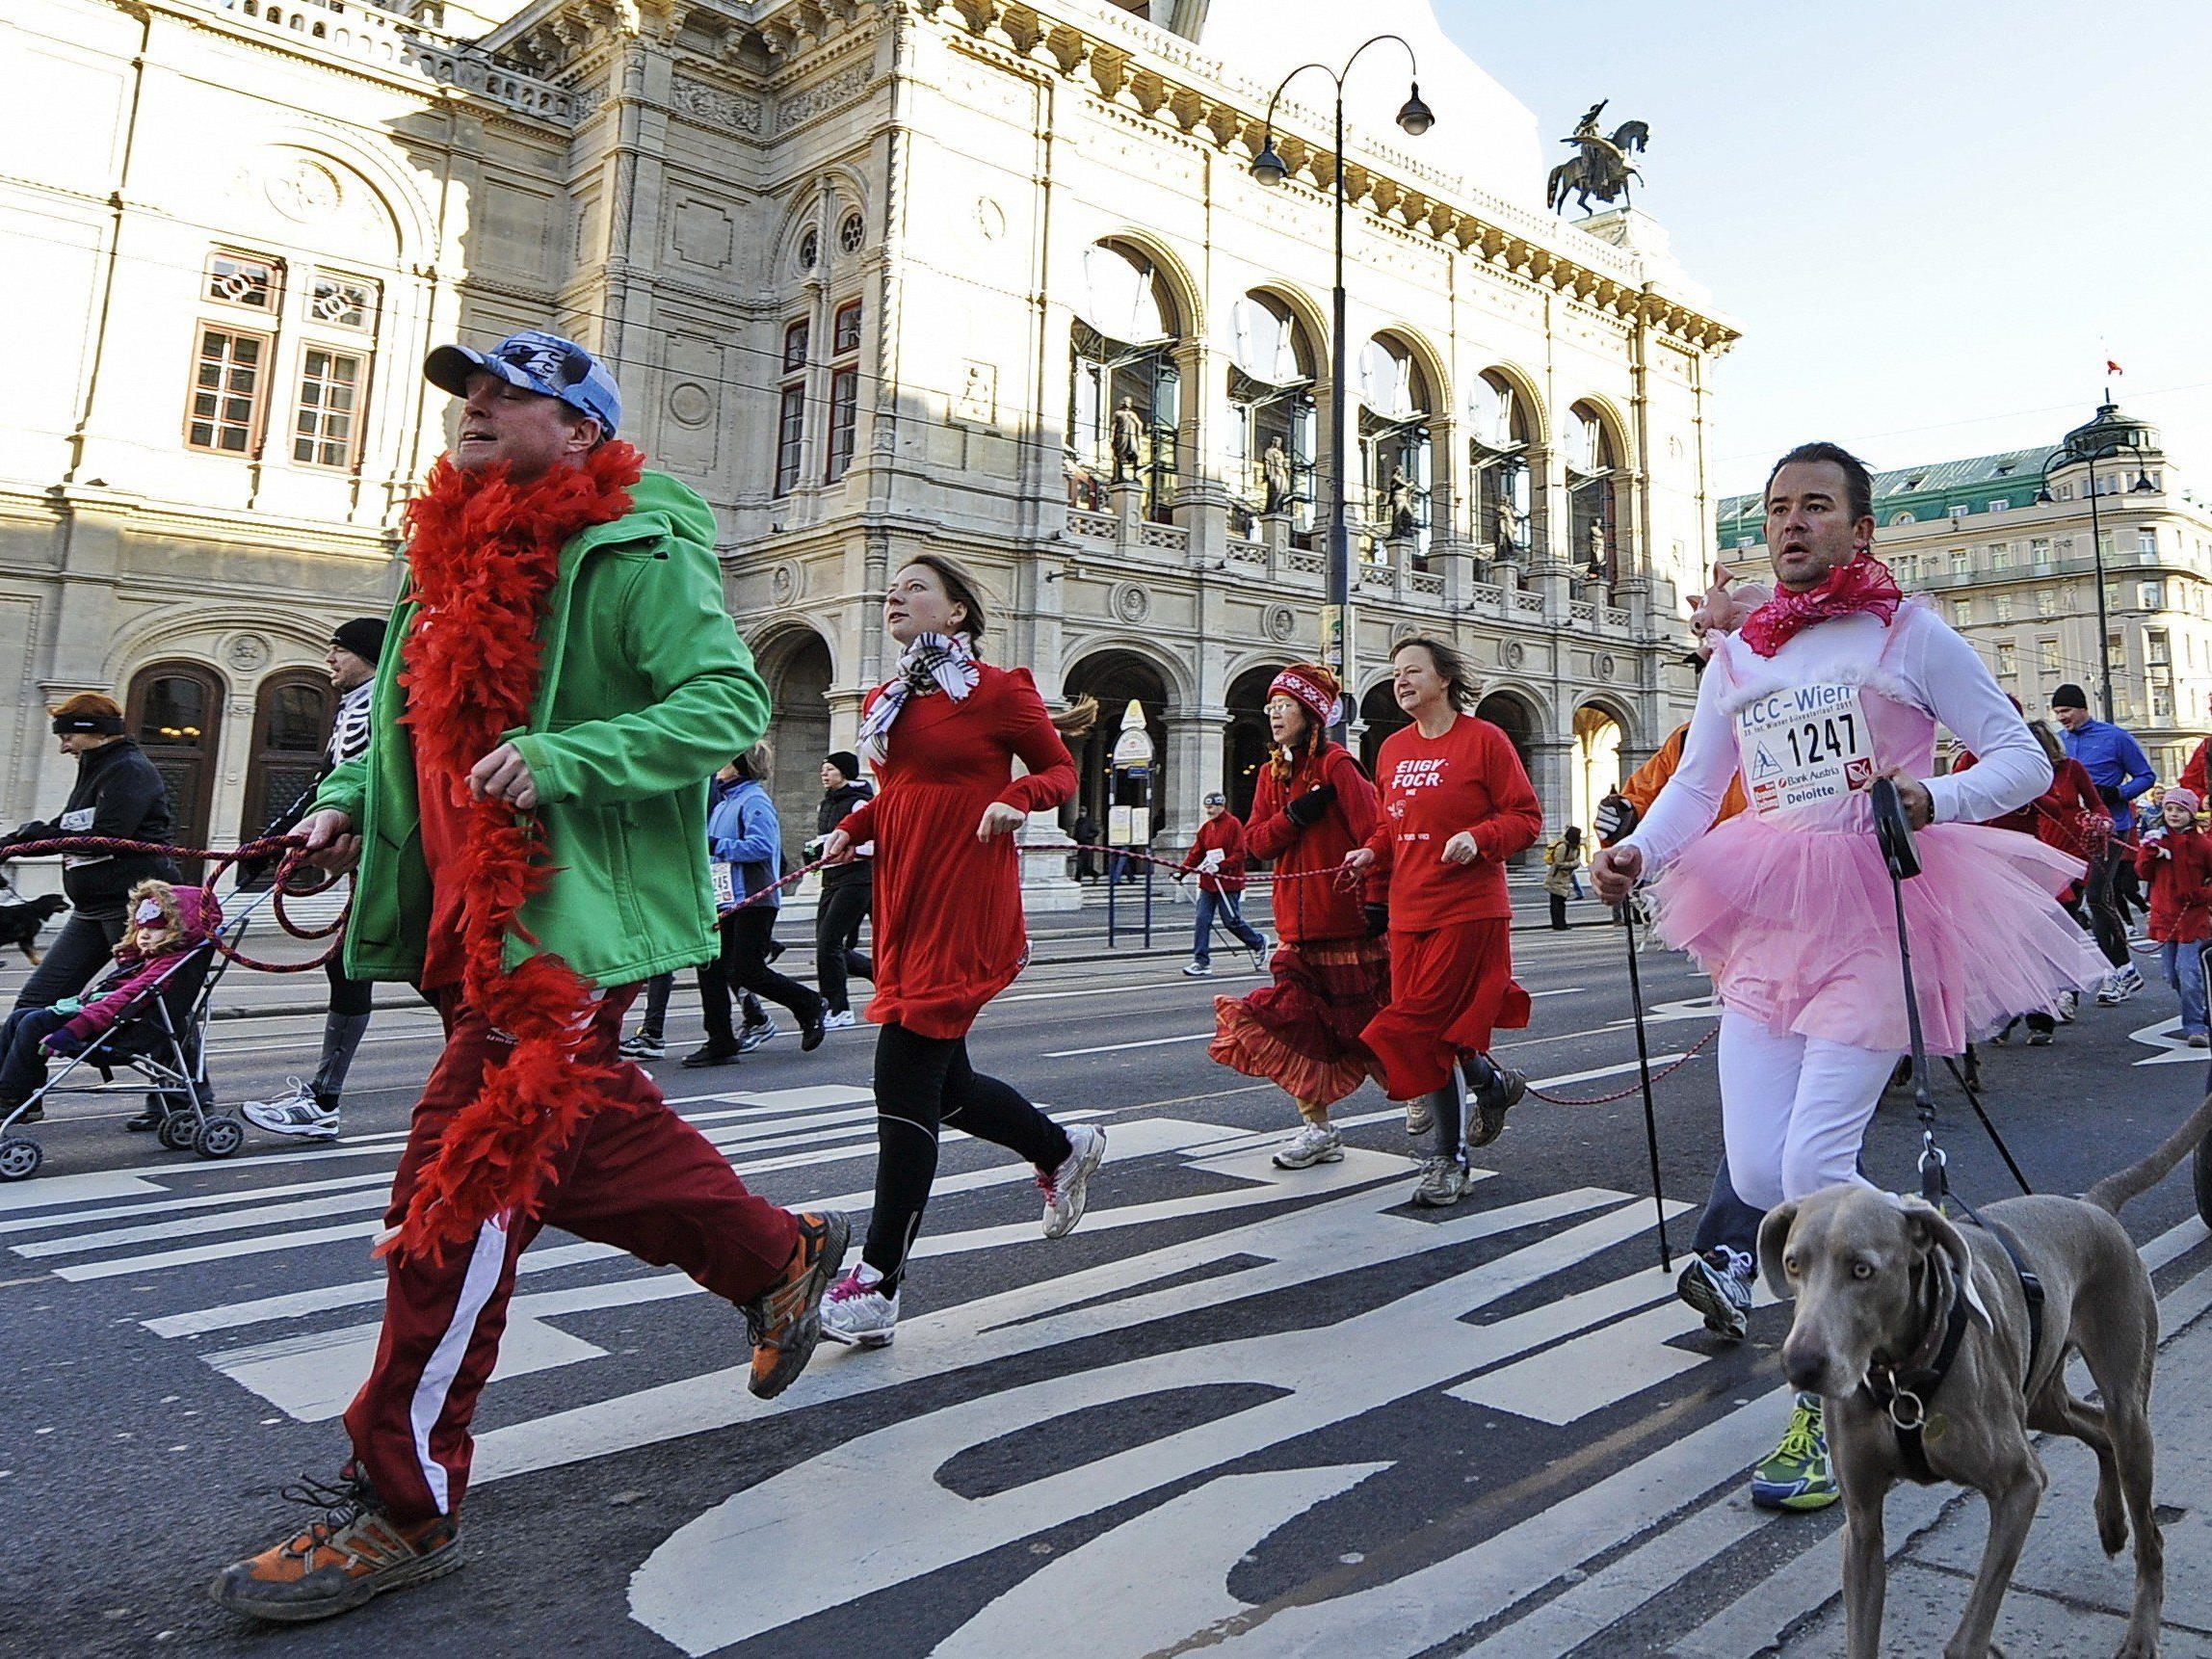 Am 31. Dezember findet auf der Wiener Ringstraße der Silvesterlauf statt.